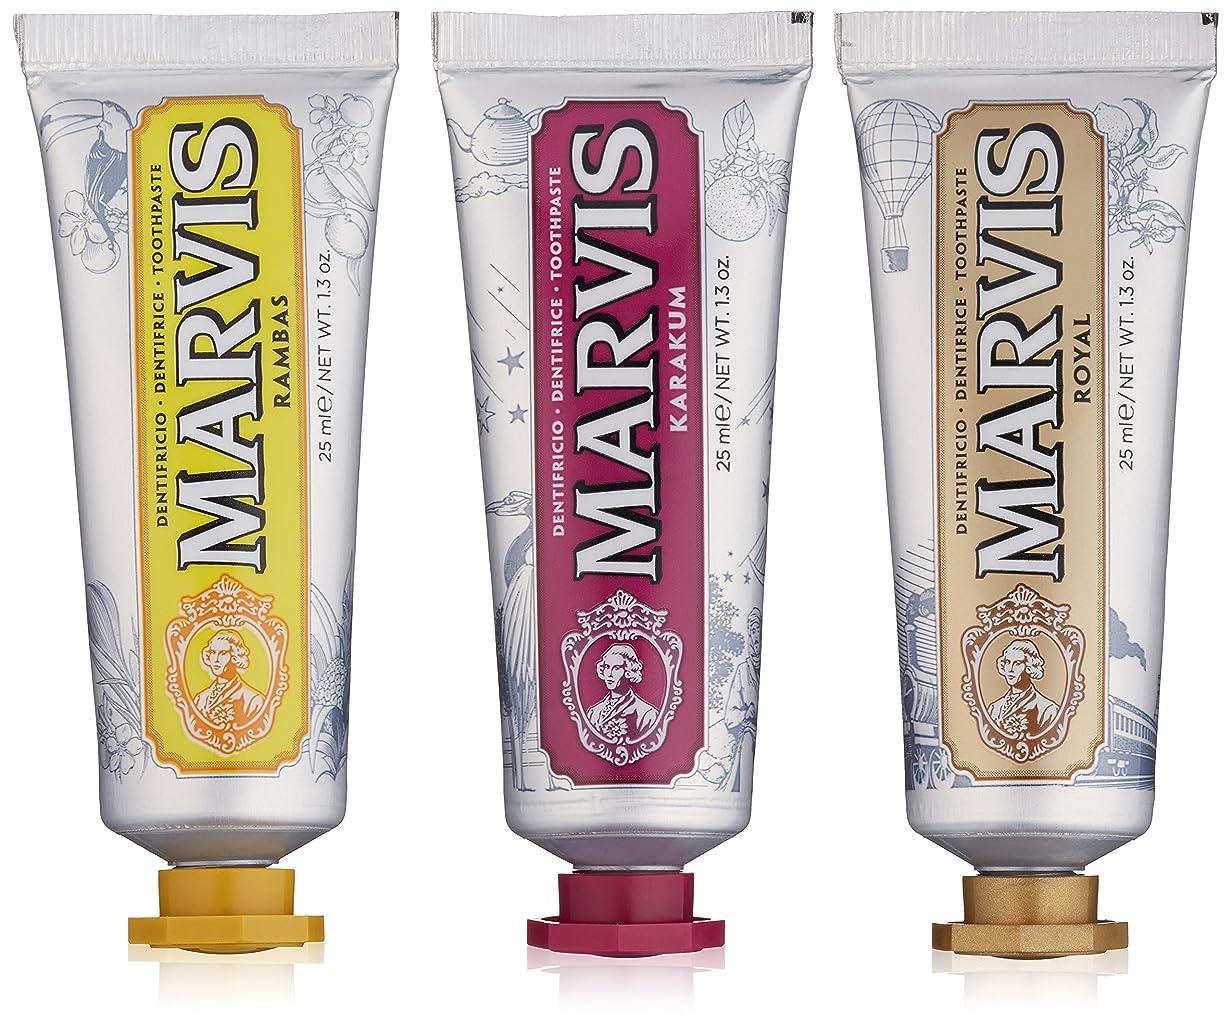 作る常に敷居MARVIS(マービス) ワンダーズオブザワールド コレクション (歯みがき粉) 25ml x 3本